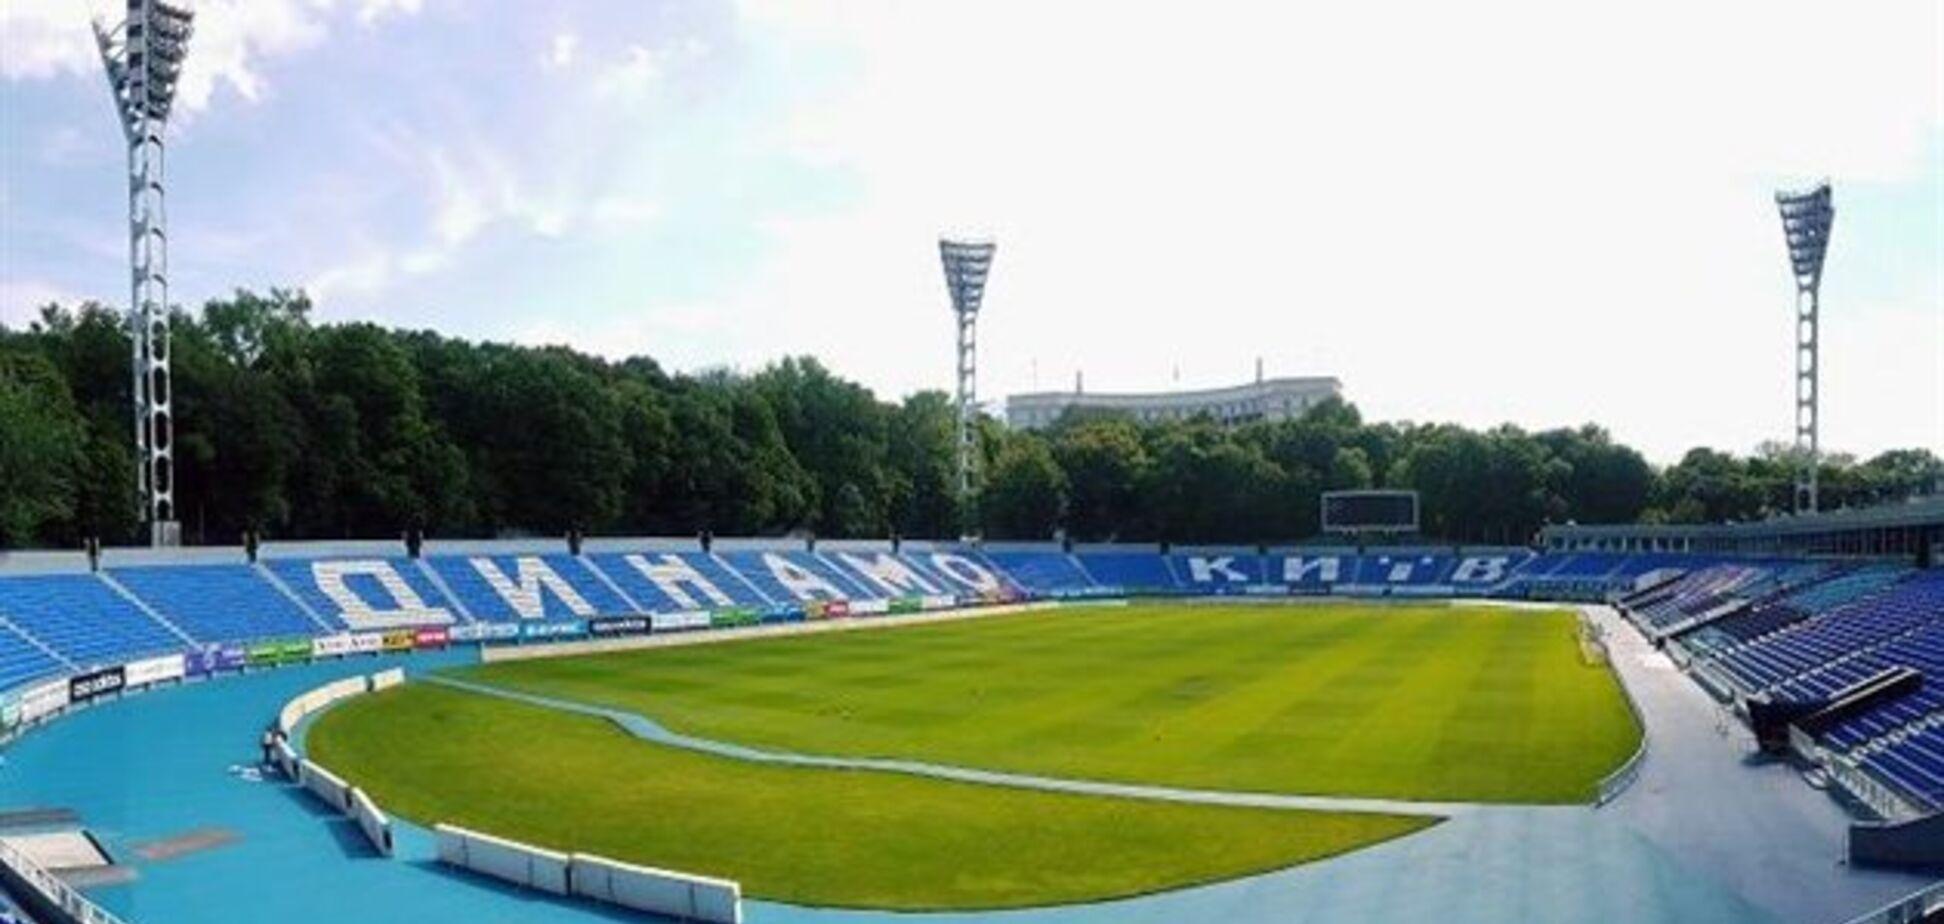 Стадион 'Динамо' им. Лобановского